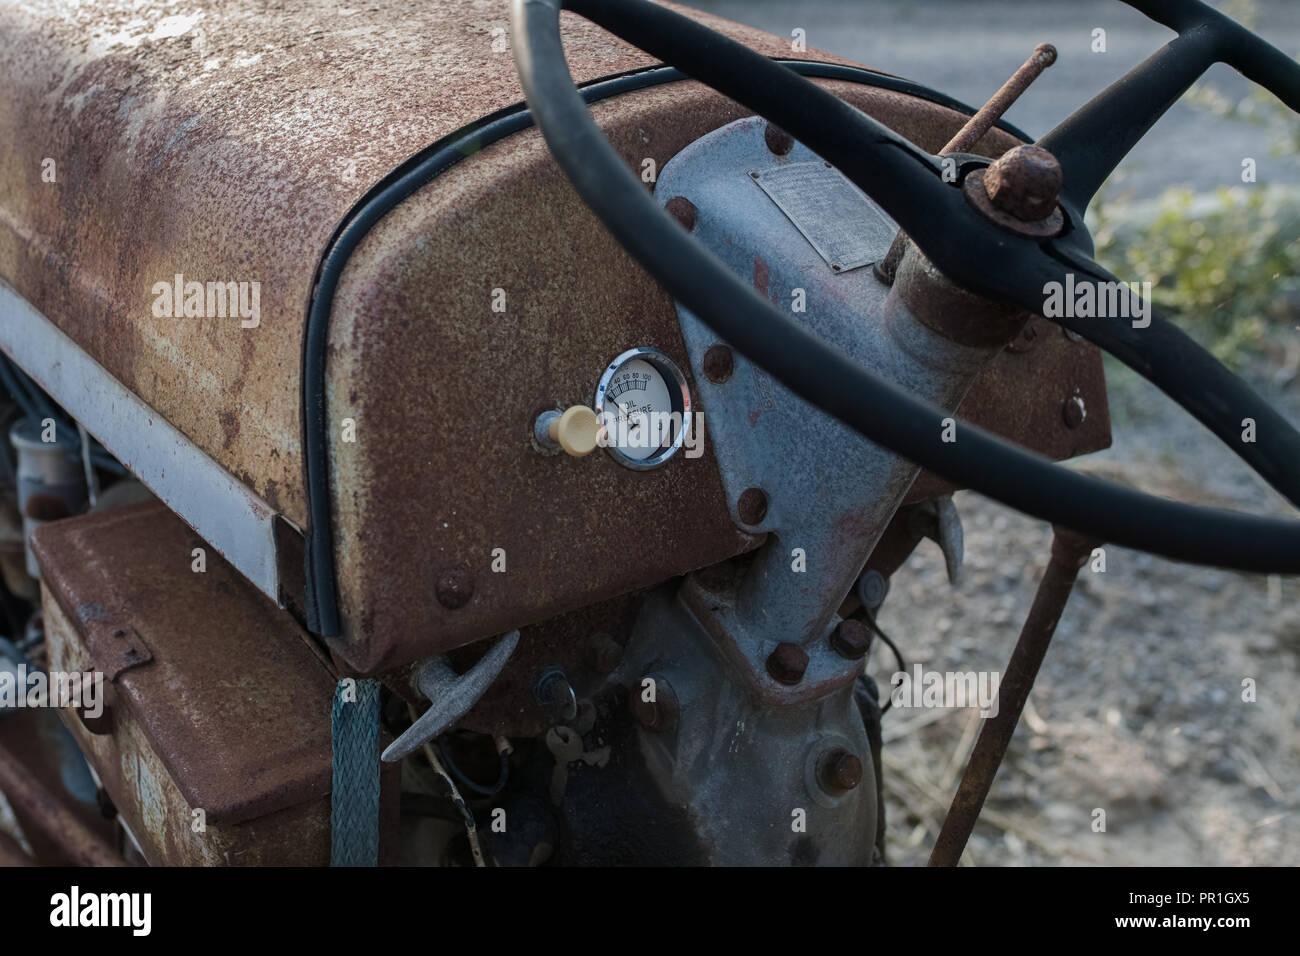 Ferguson Te20 Vintage Tractor Stock Photos & Ferguson Te20